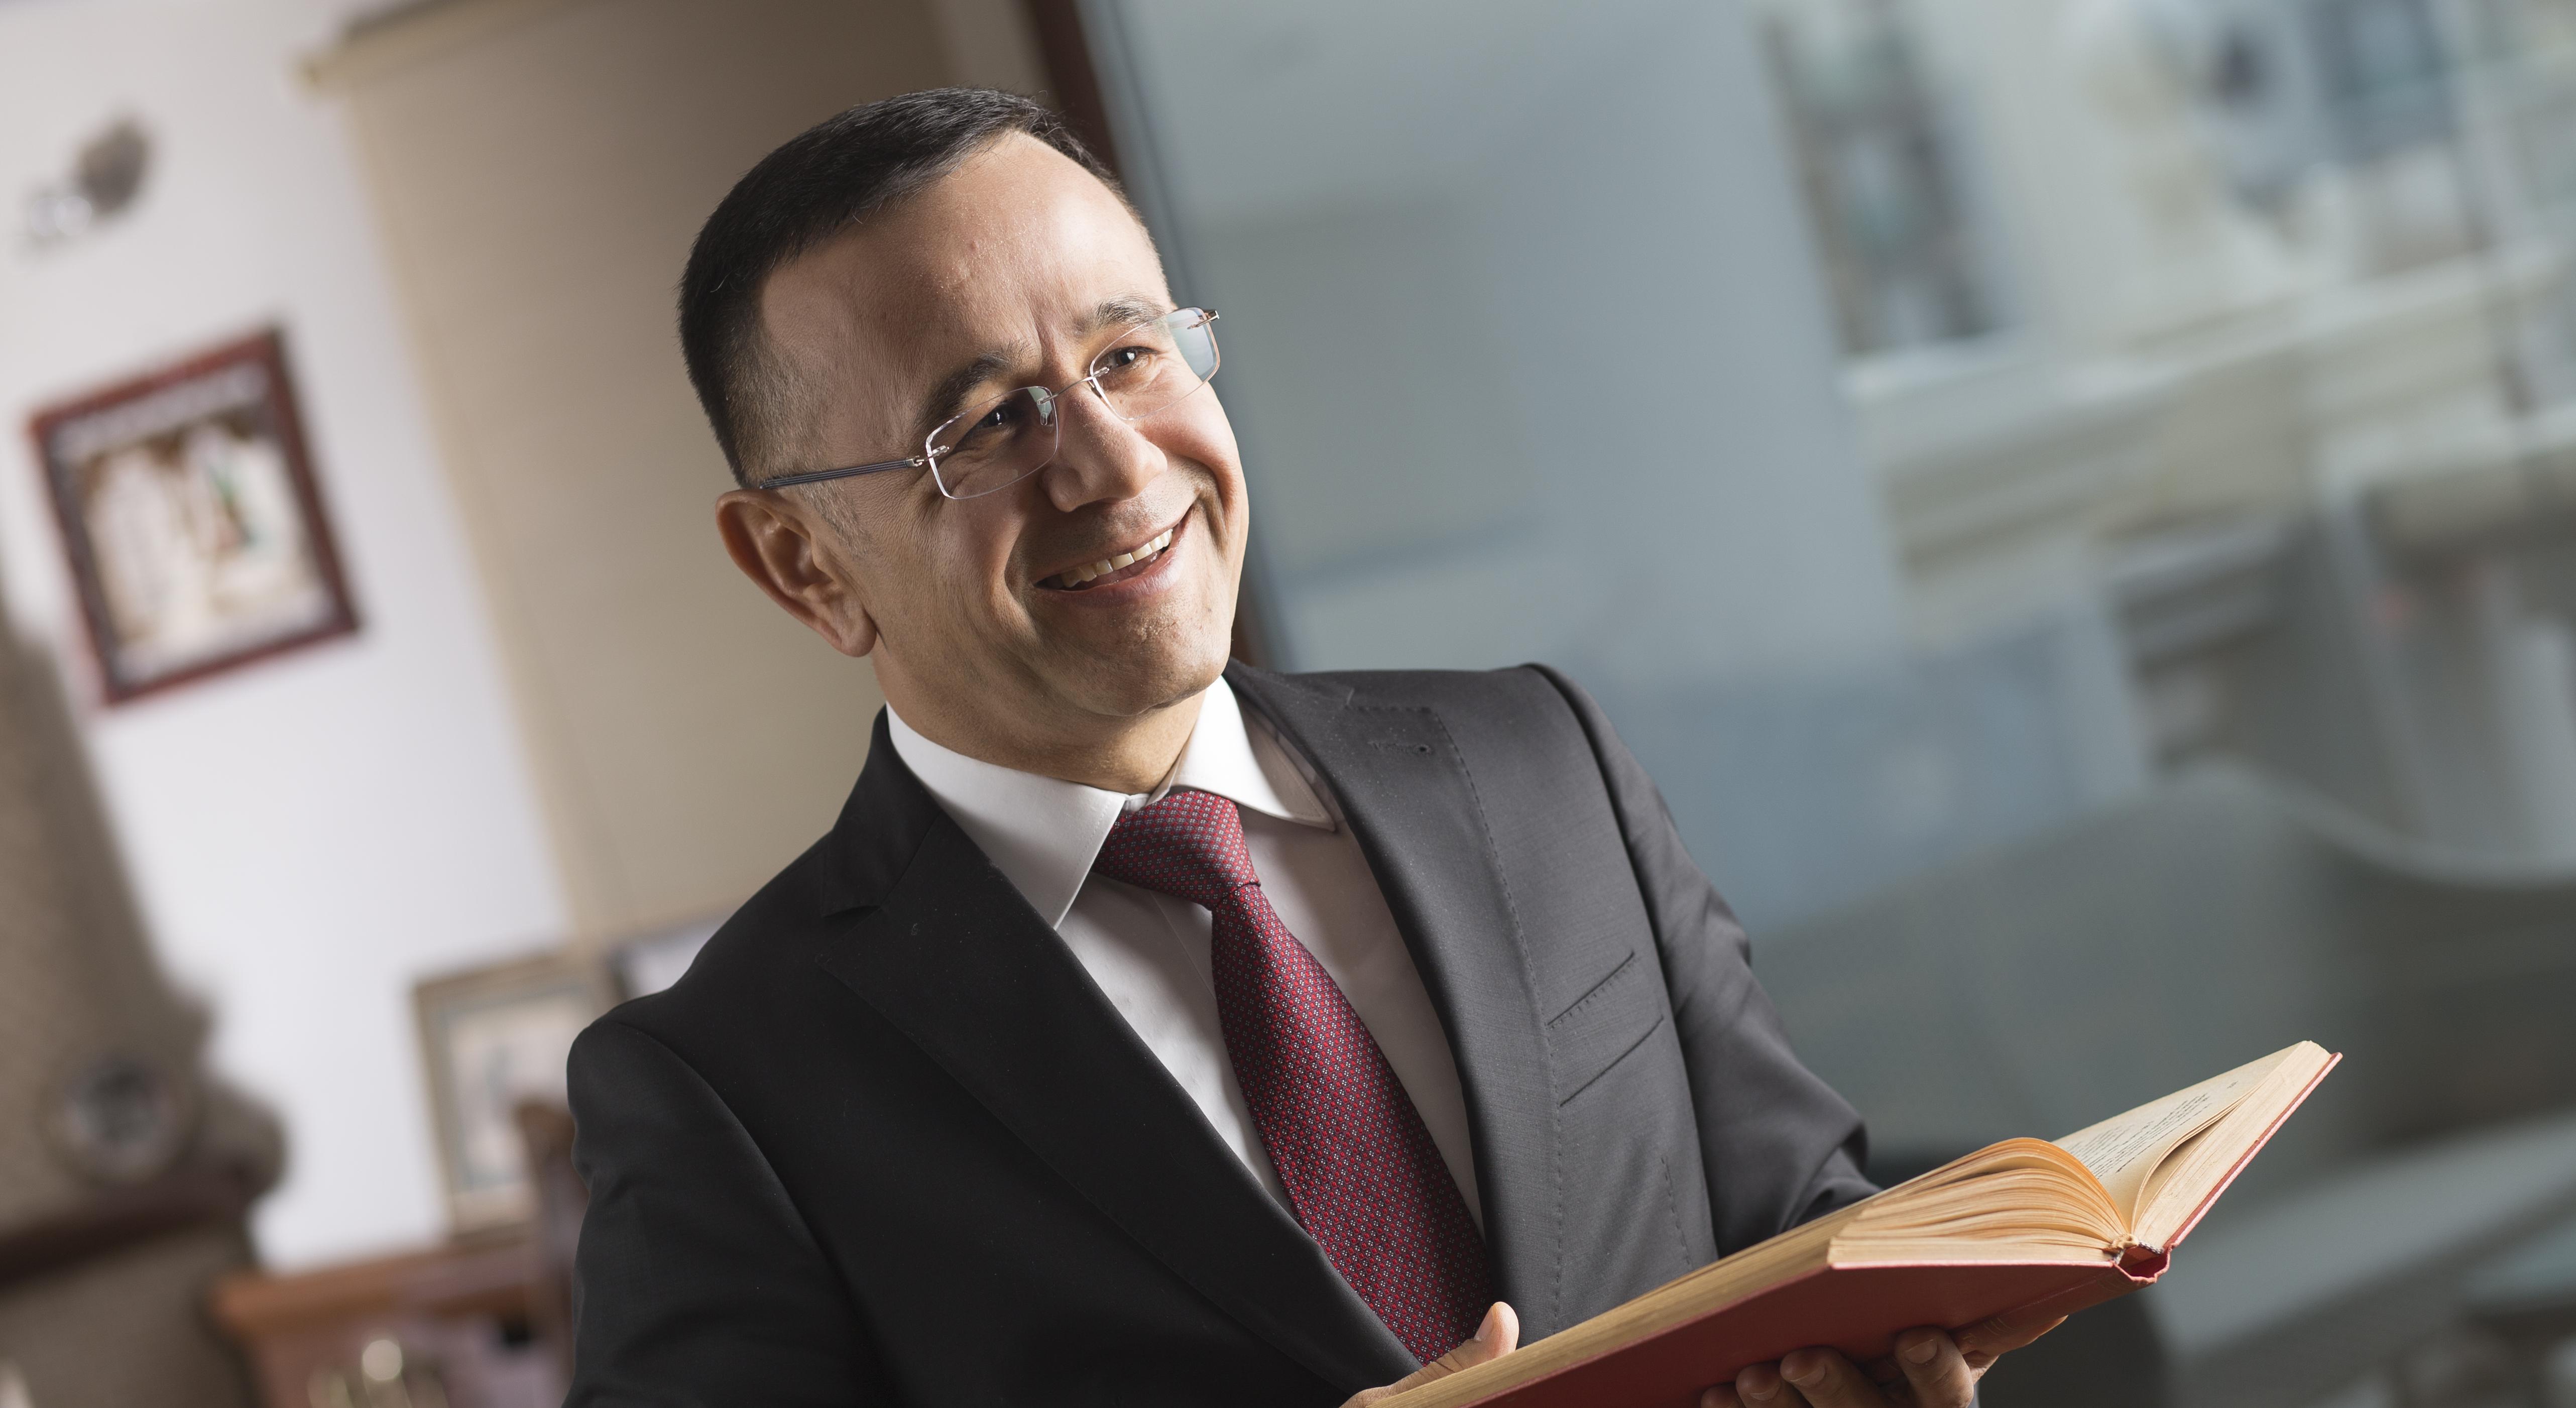 """AYD Başkanı Prof. Dr. Hüseyin Altaş: """"Hem perakendecilerimizin hem de tüketicilerimizin üzerinden yük alındı"""""""